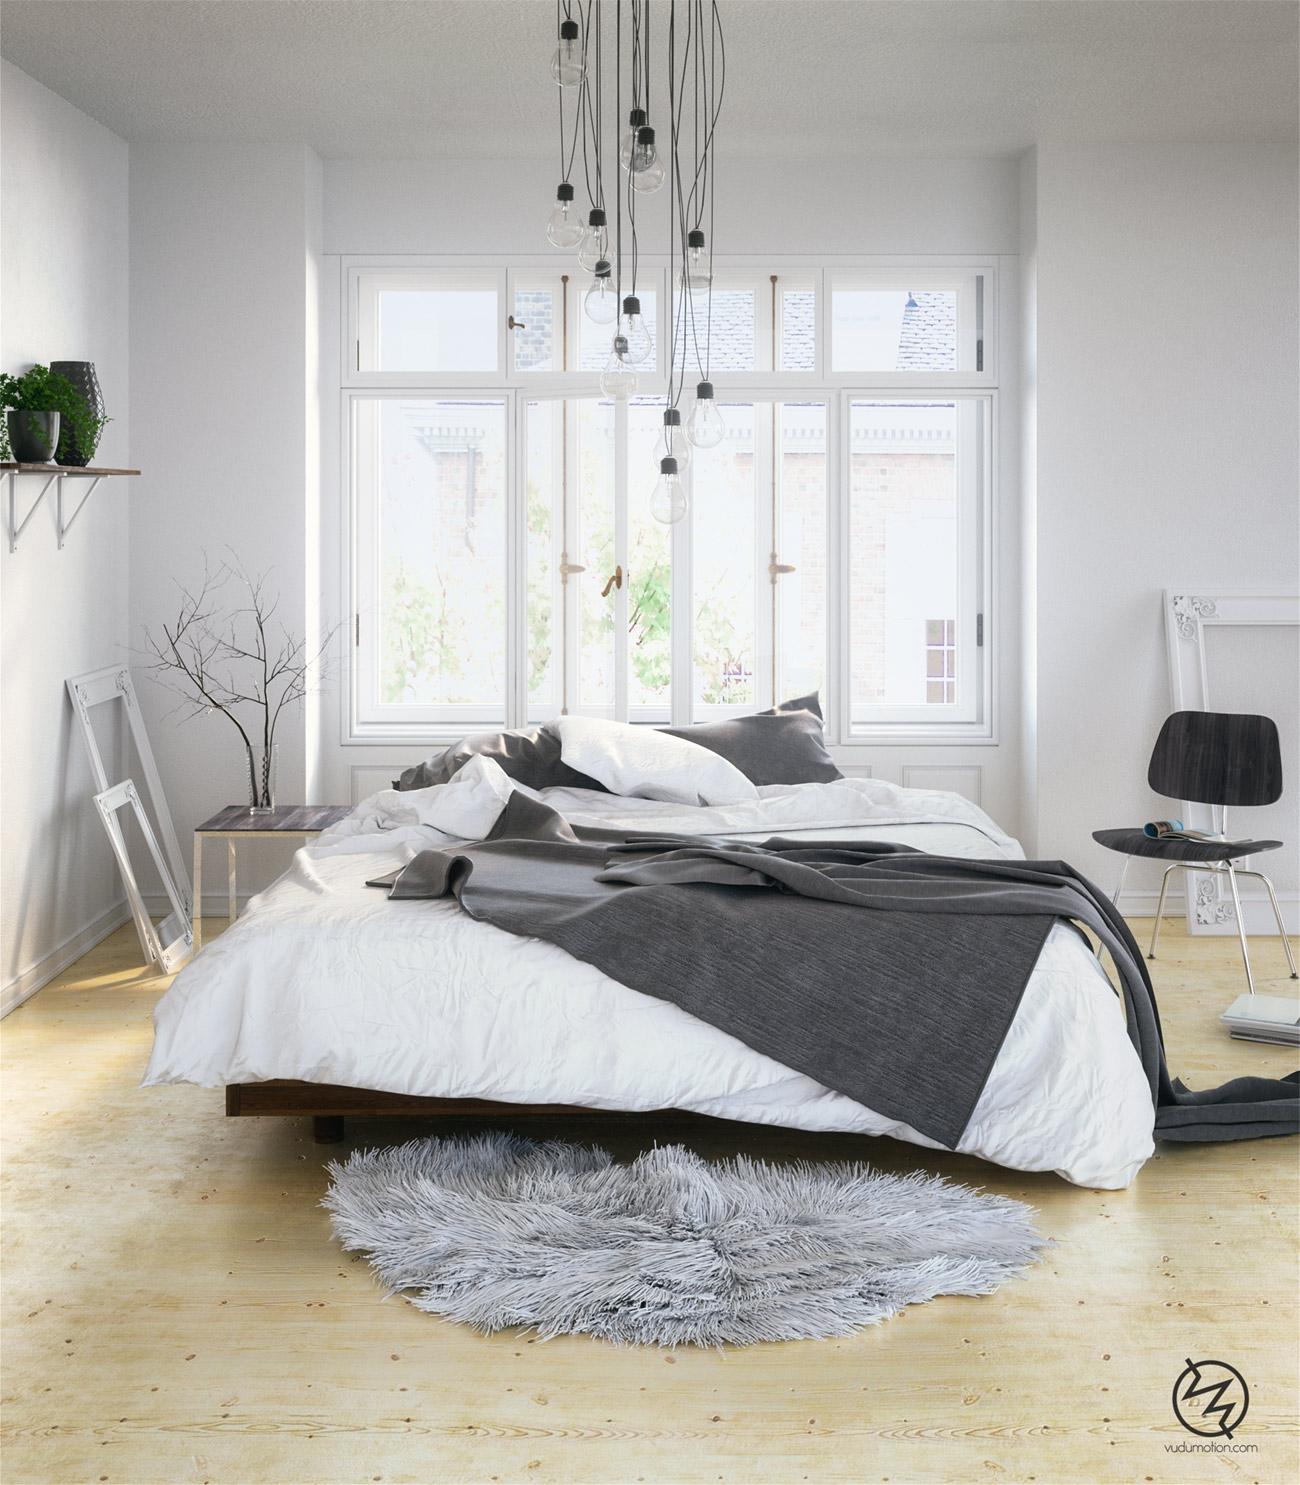 Skandinavisches Schlafzimmer Inspiration - Designs2love